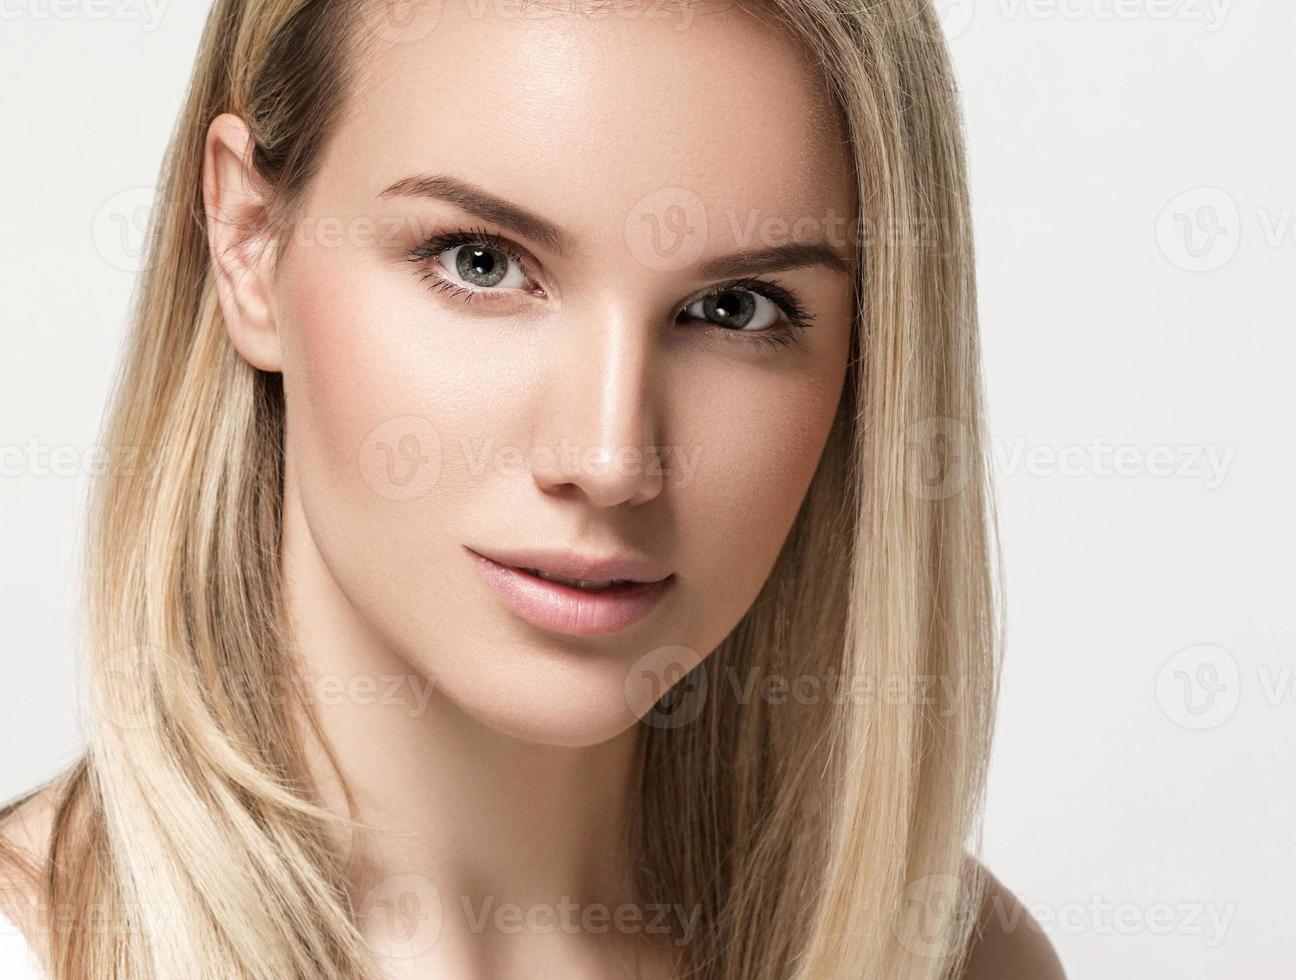 Portrait de cheveux blonds belle femme close up studio on white photo